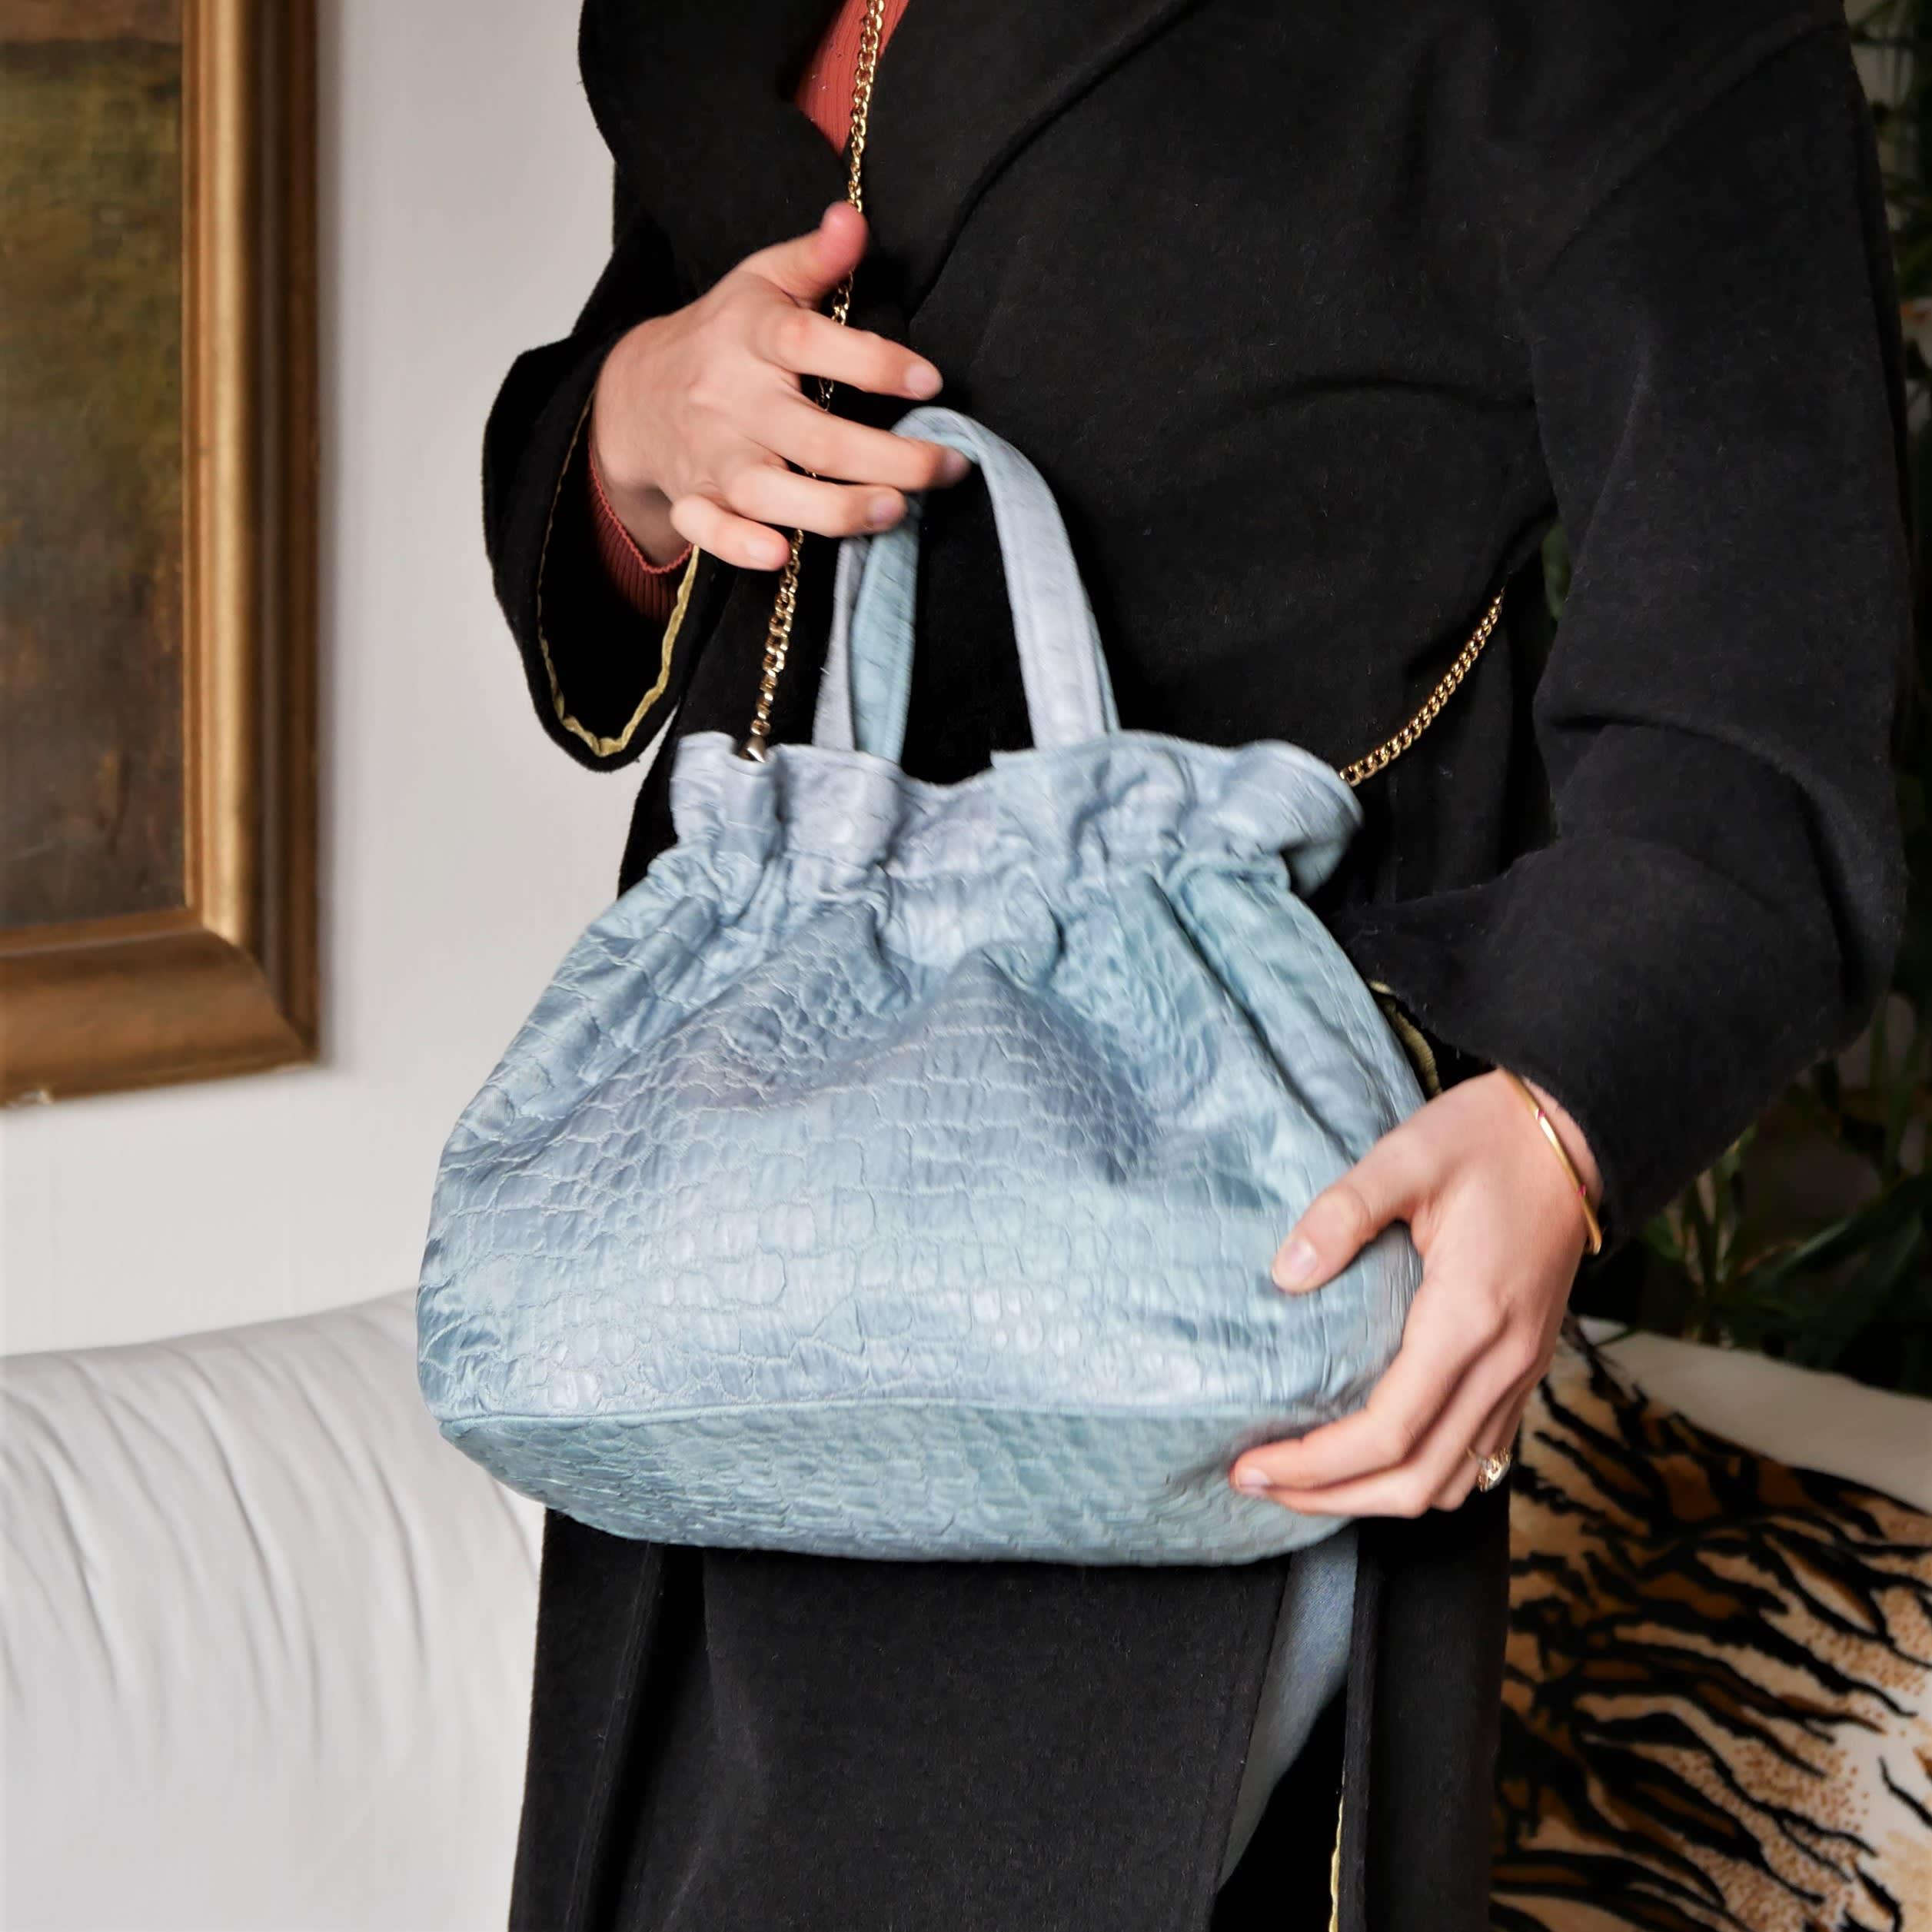 Petit sac à main bleu. Sac végan et vintage années 50 en tissu avec relief motif peau de crocodile , sac lavable avec chaîne amovible.